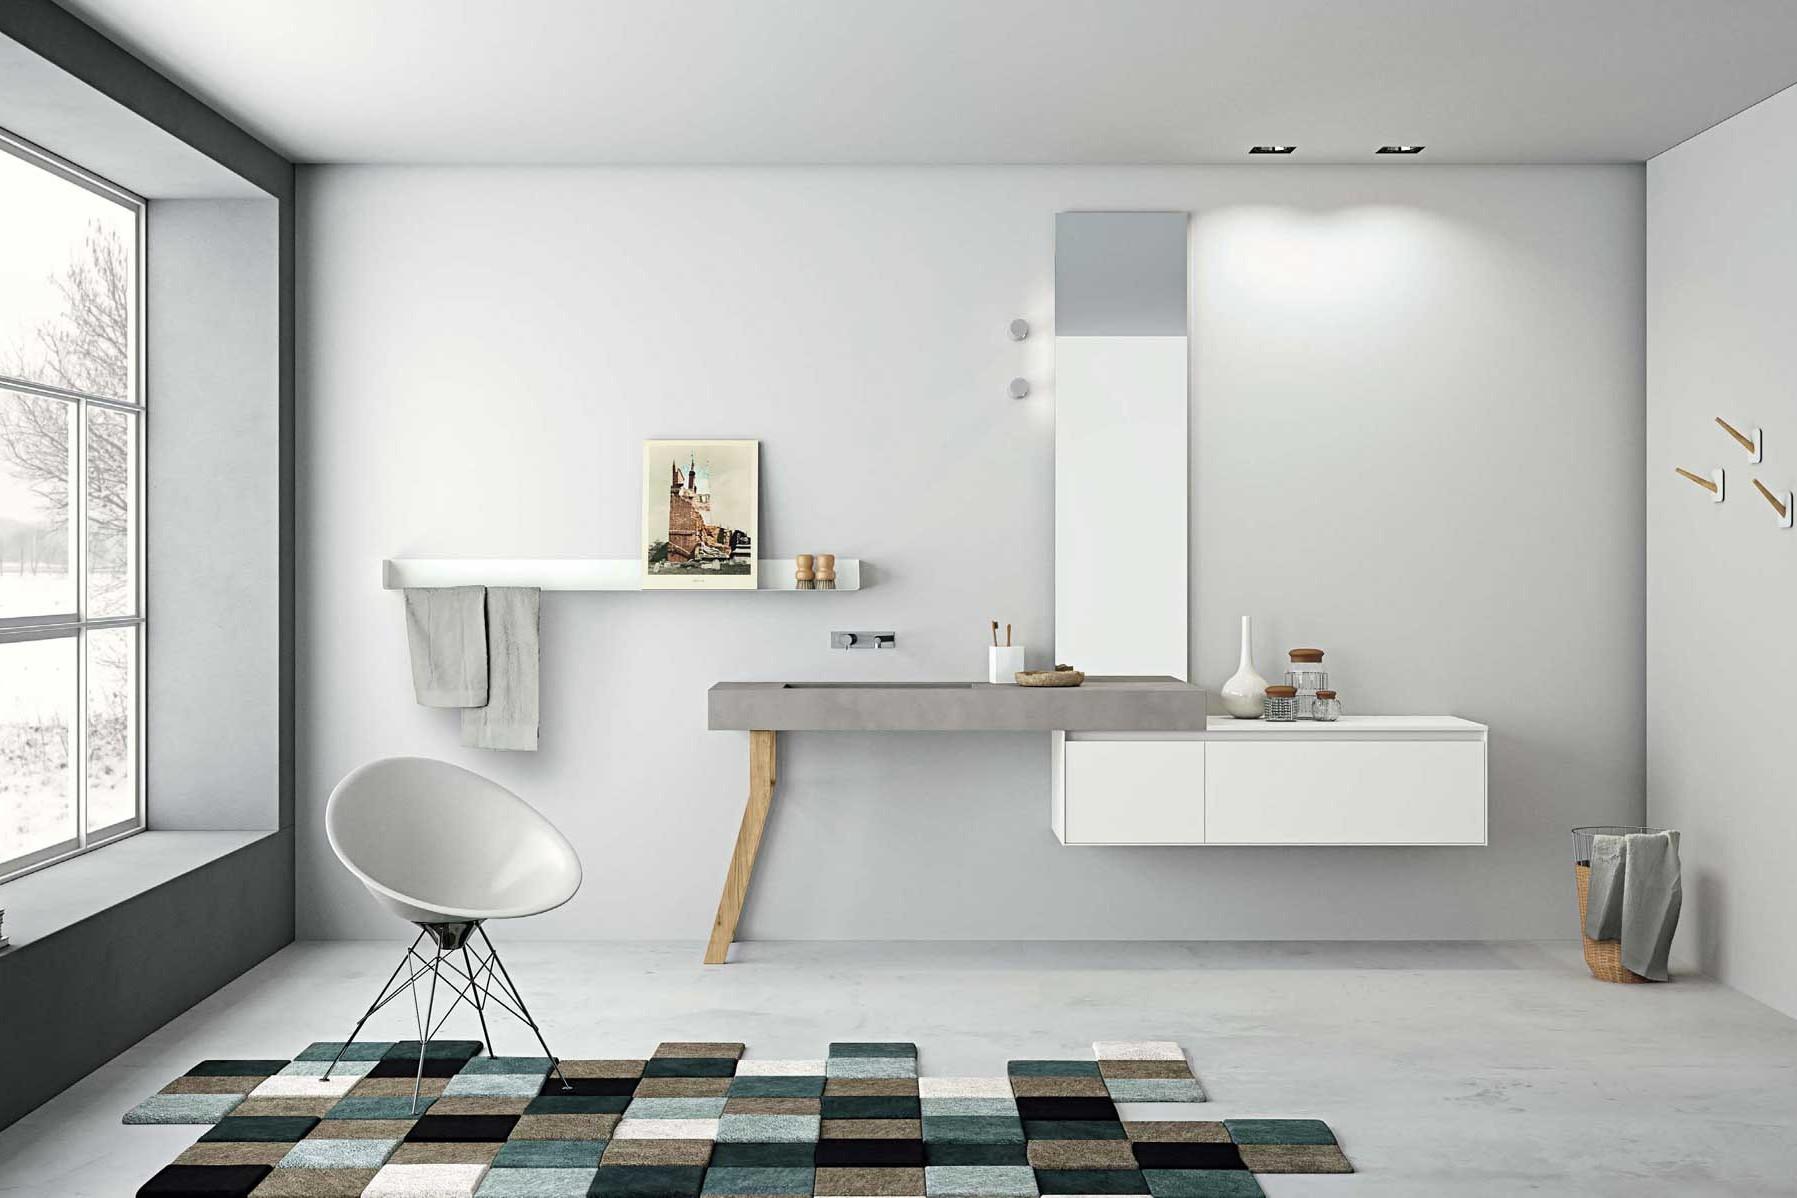 Progettazione animazione ° per il bagno design petalo s r l